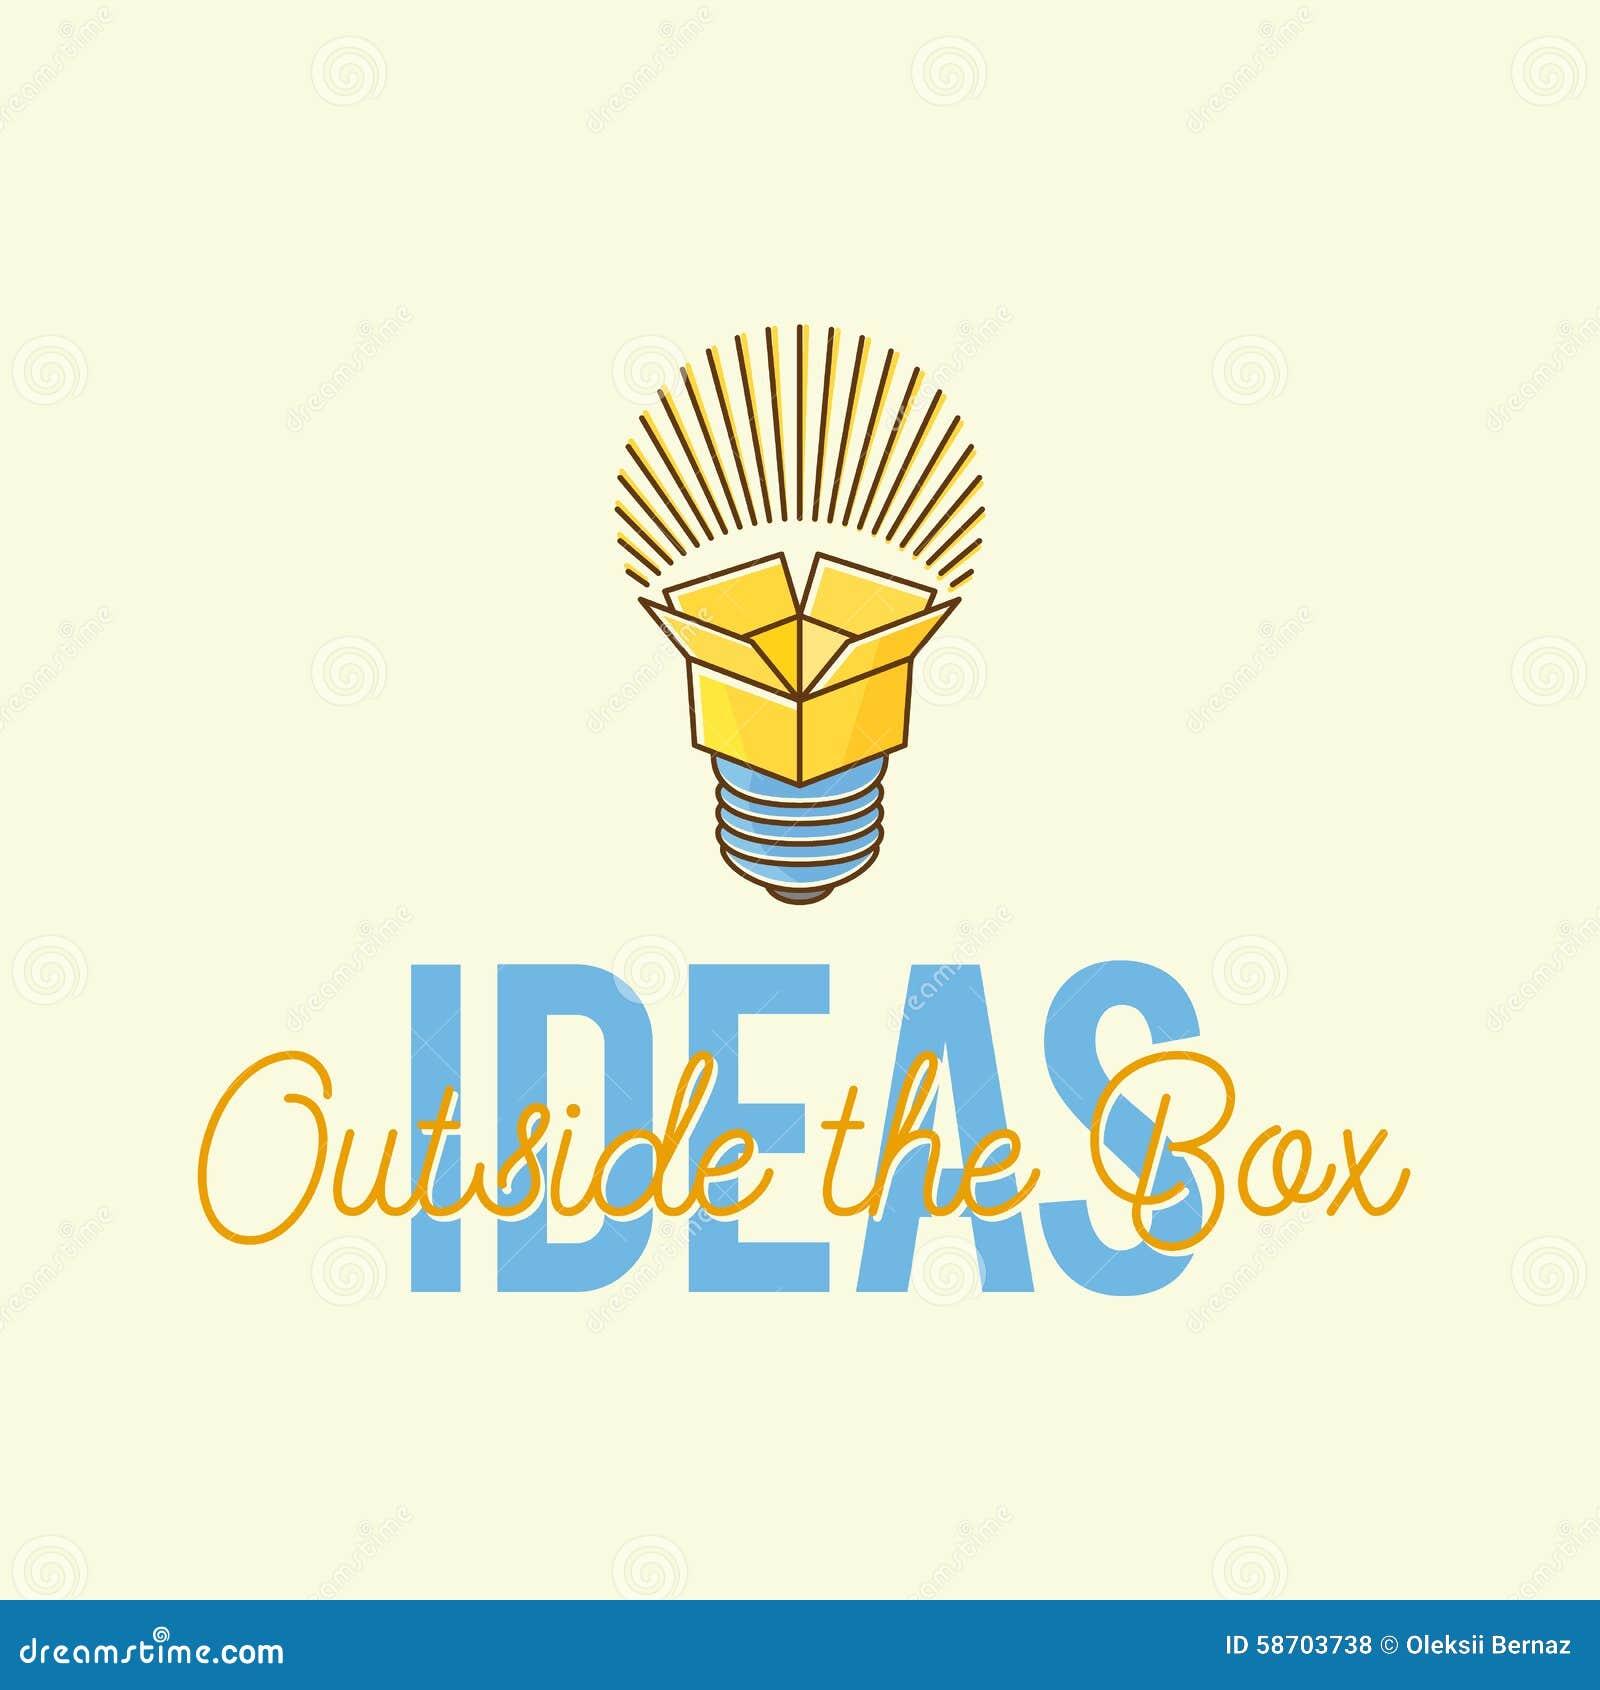 Ideas Outside The Box Abstract Vector Concept Logo